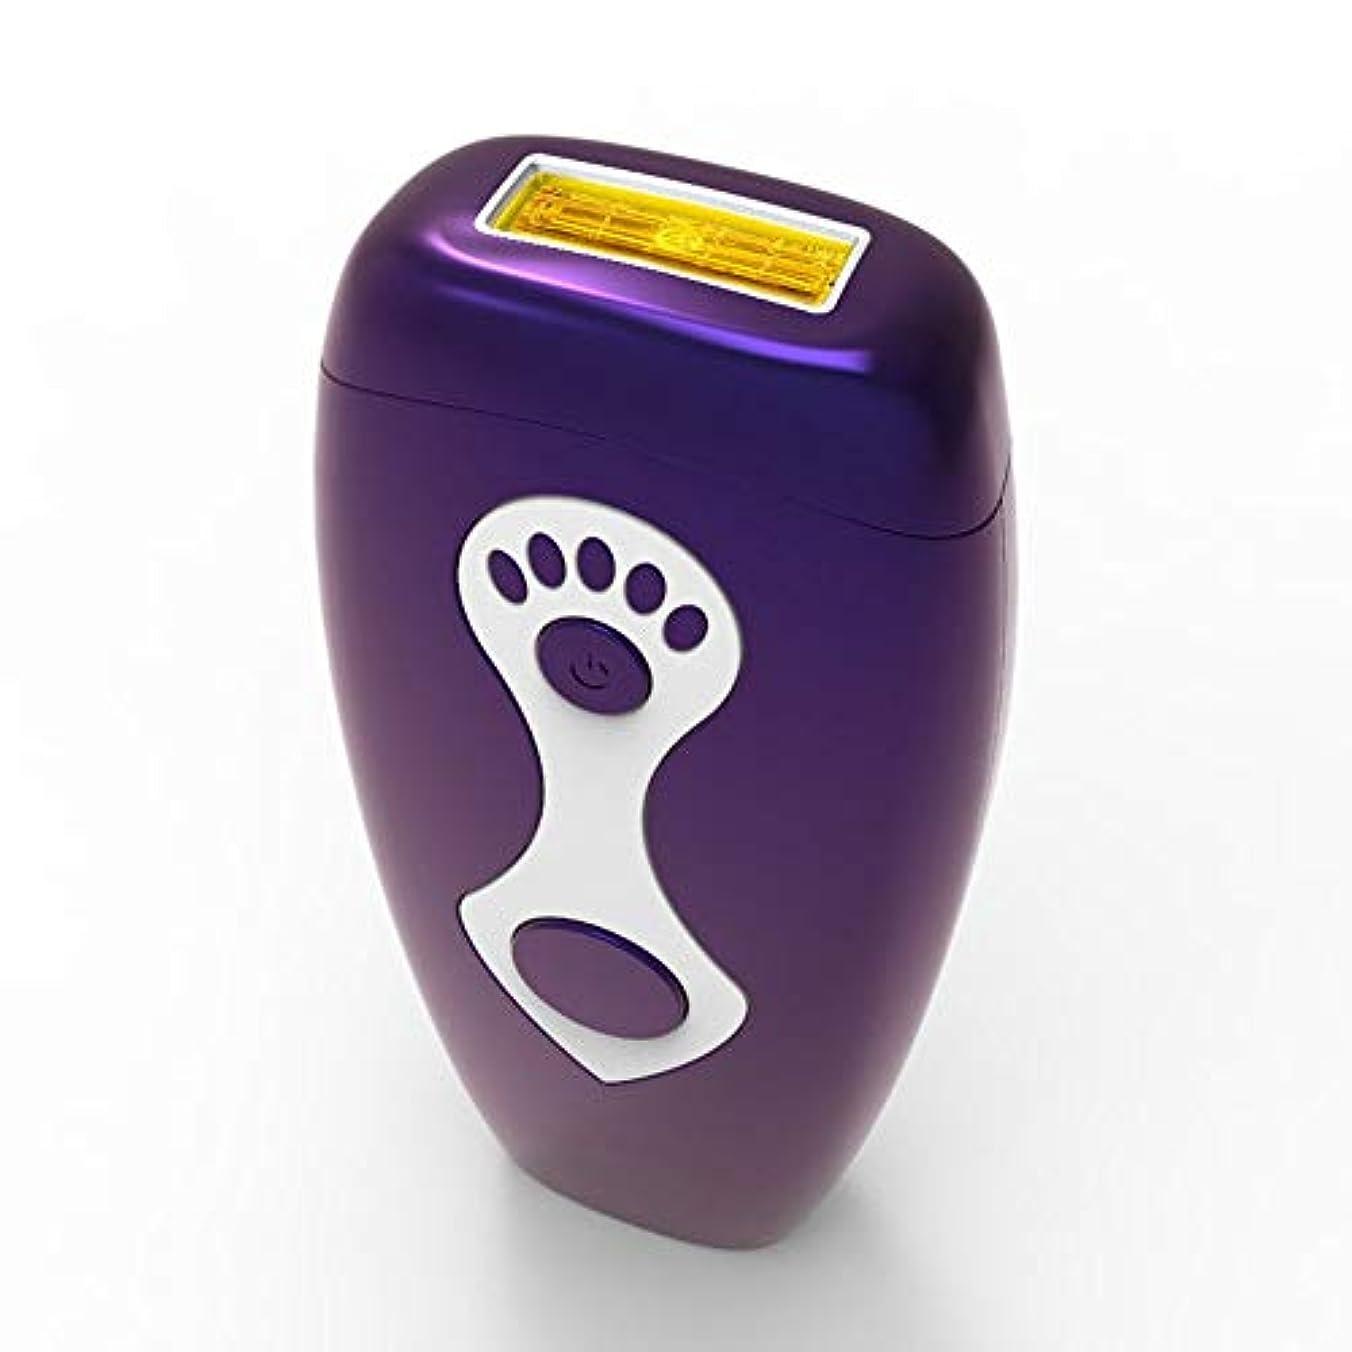 色合い宝石応じるパーマネント脱毛、家庭用ニュートラルヘアリムーバー、柔らかい肌、マルチ運動エネルギー、安全性、グレード5無料調整、サイズ7.5×16.5 Cm 髪以外はきれい (Color : Purple)